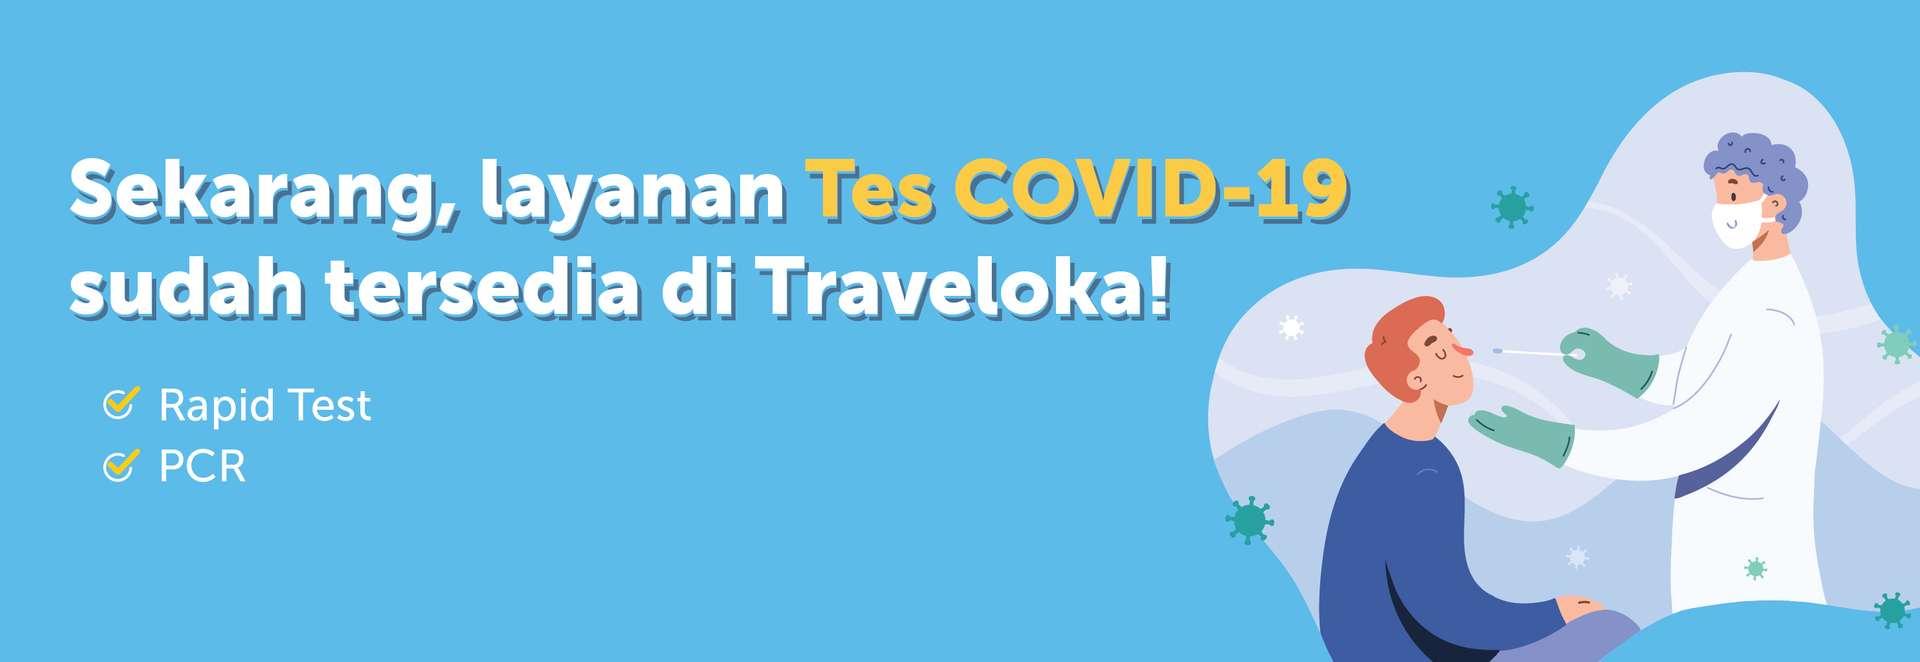 Praktis Kini Anda Bisa Pesan Tes Covid 19 Di Traveloka